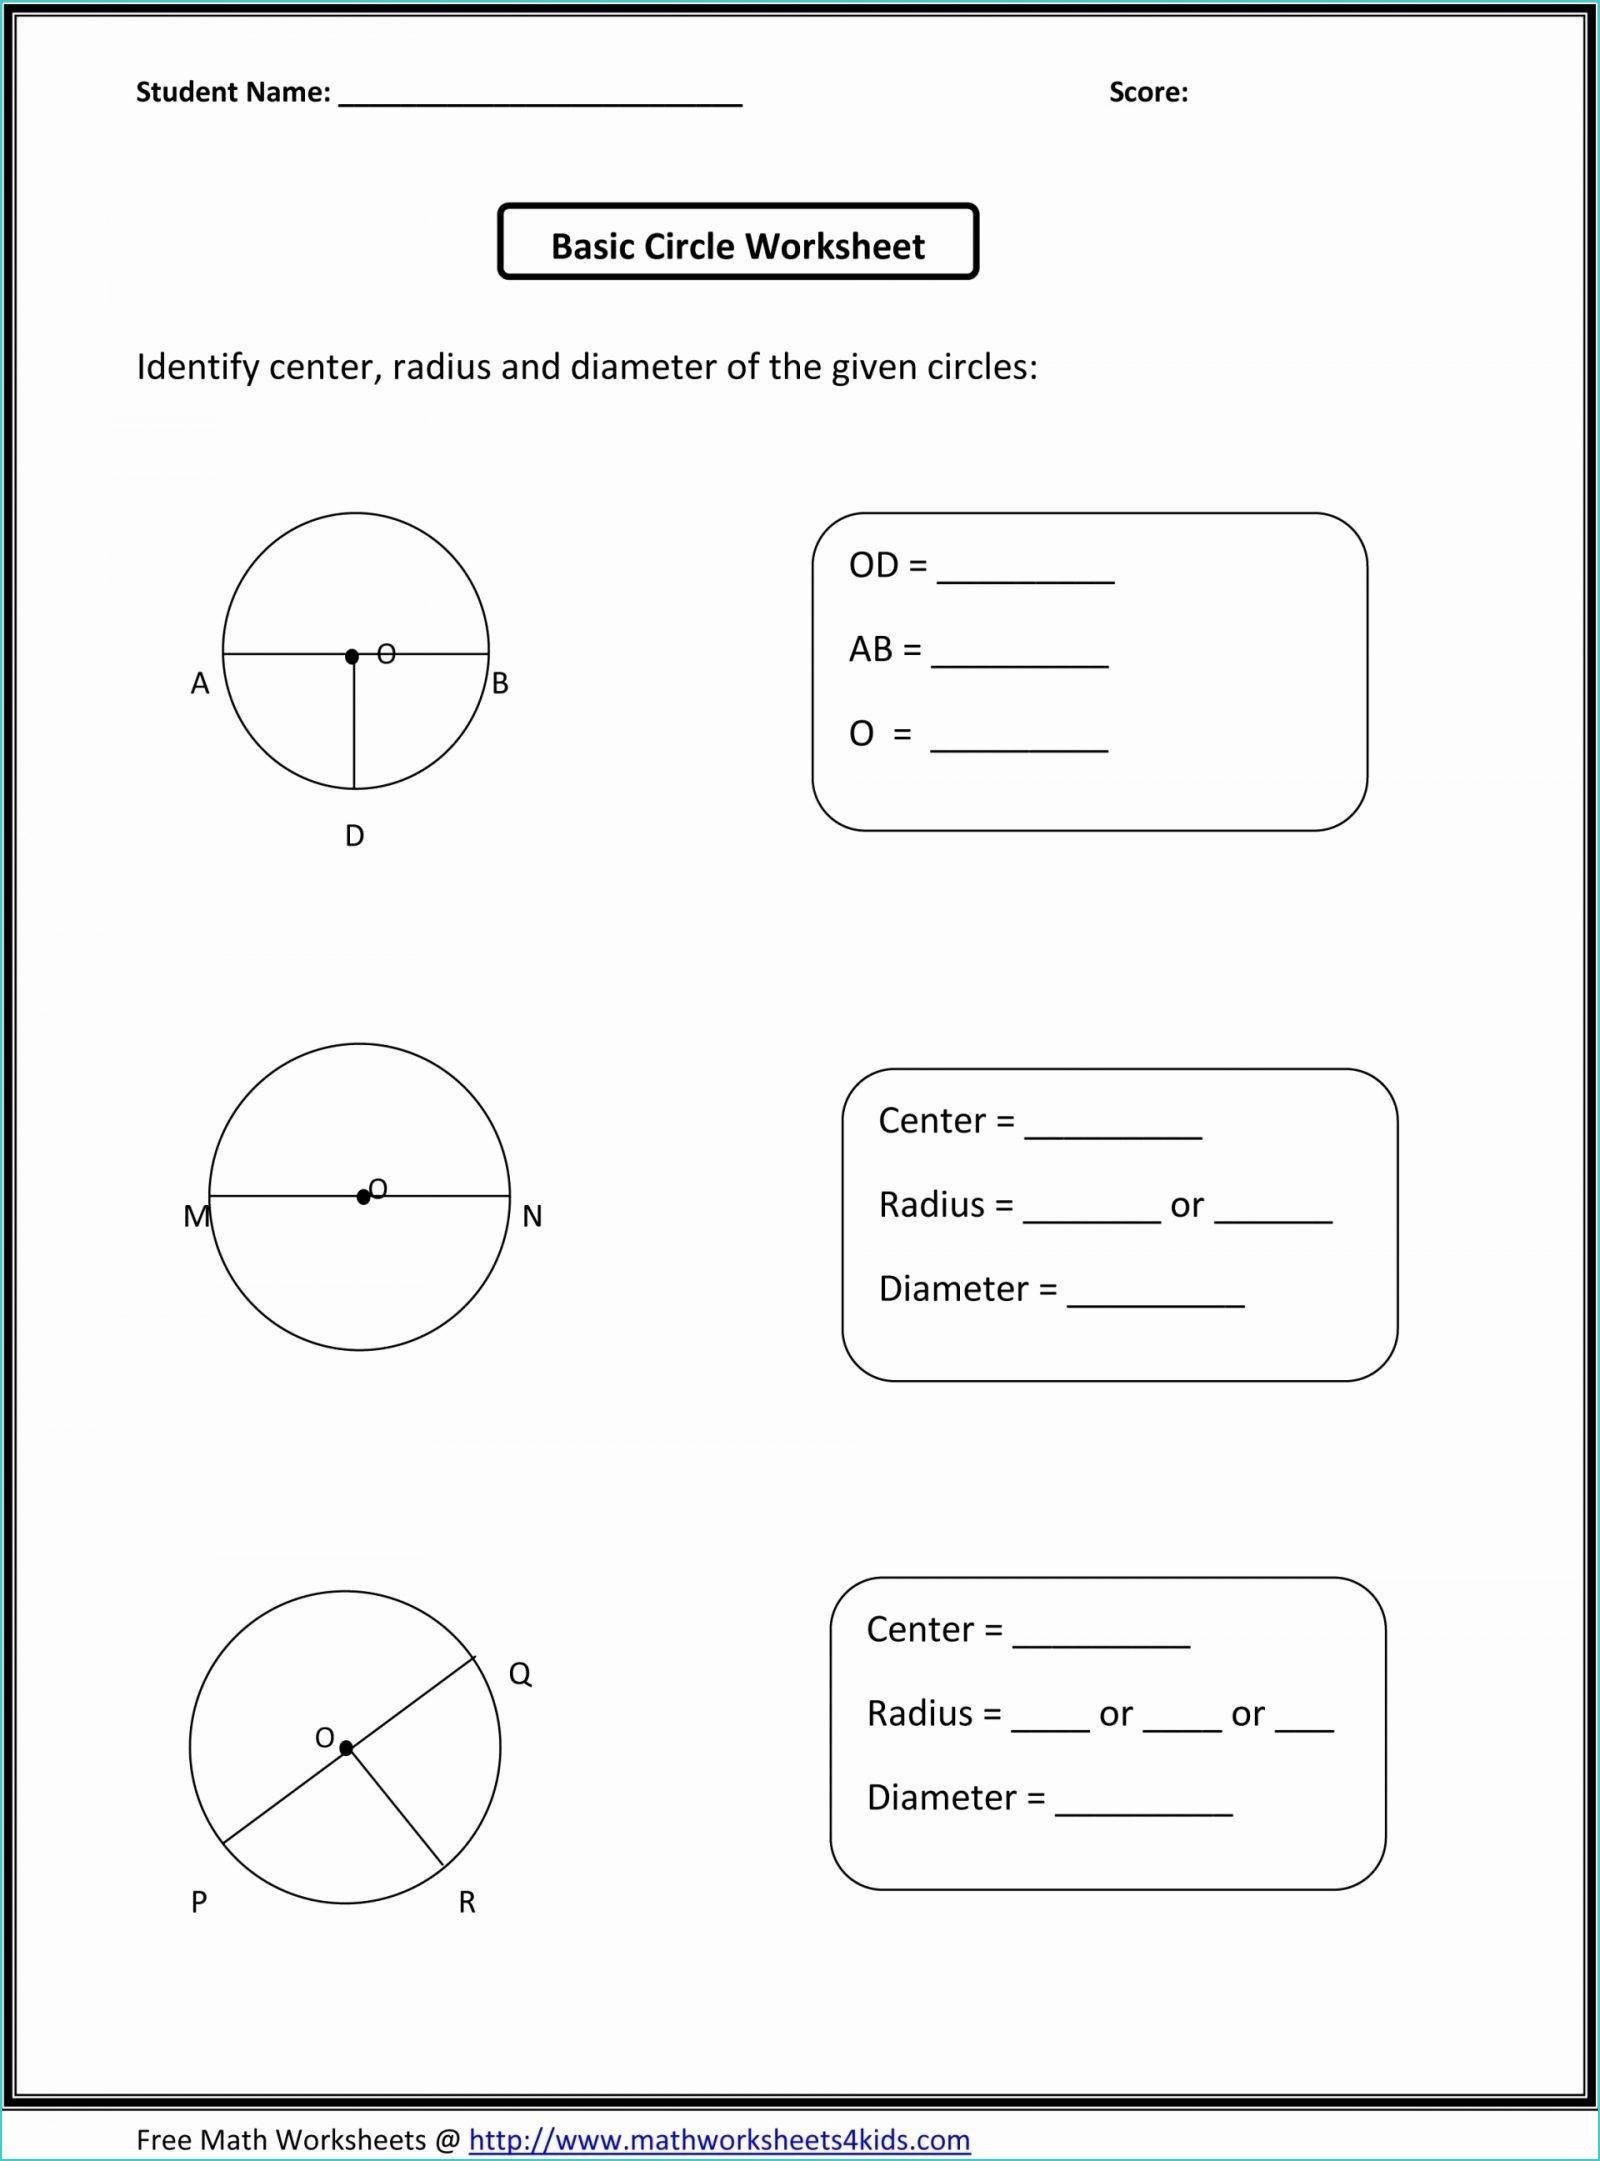 5 General Measurement 5th Grade Worksheets Di